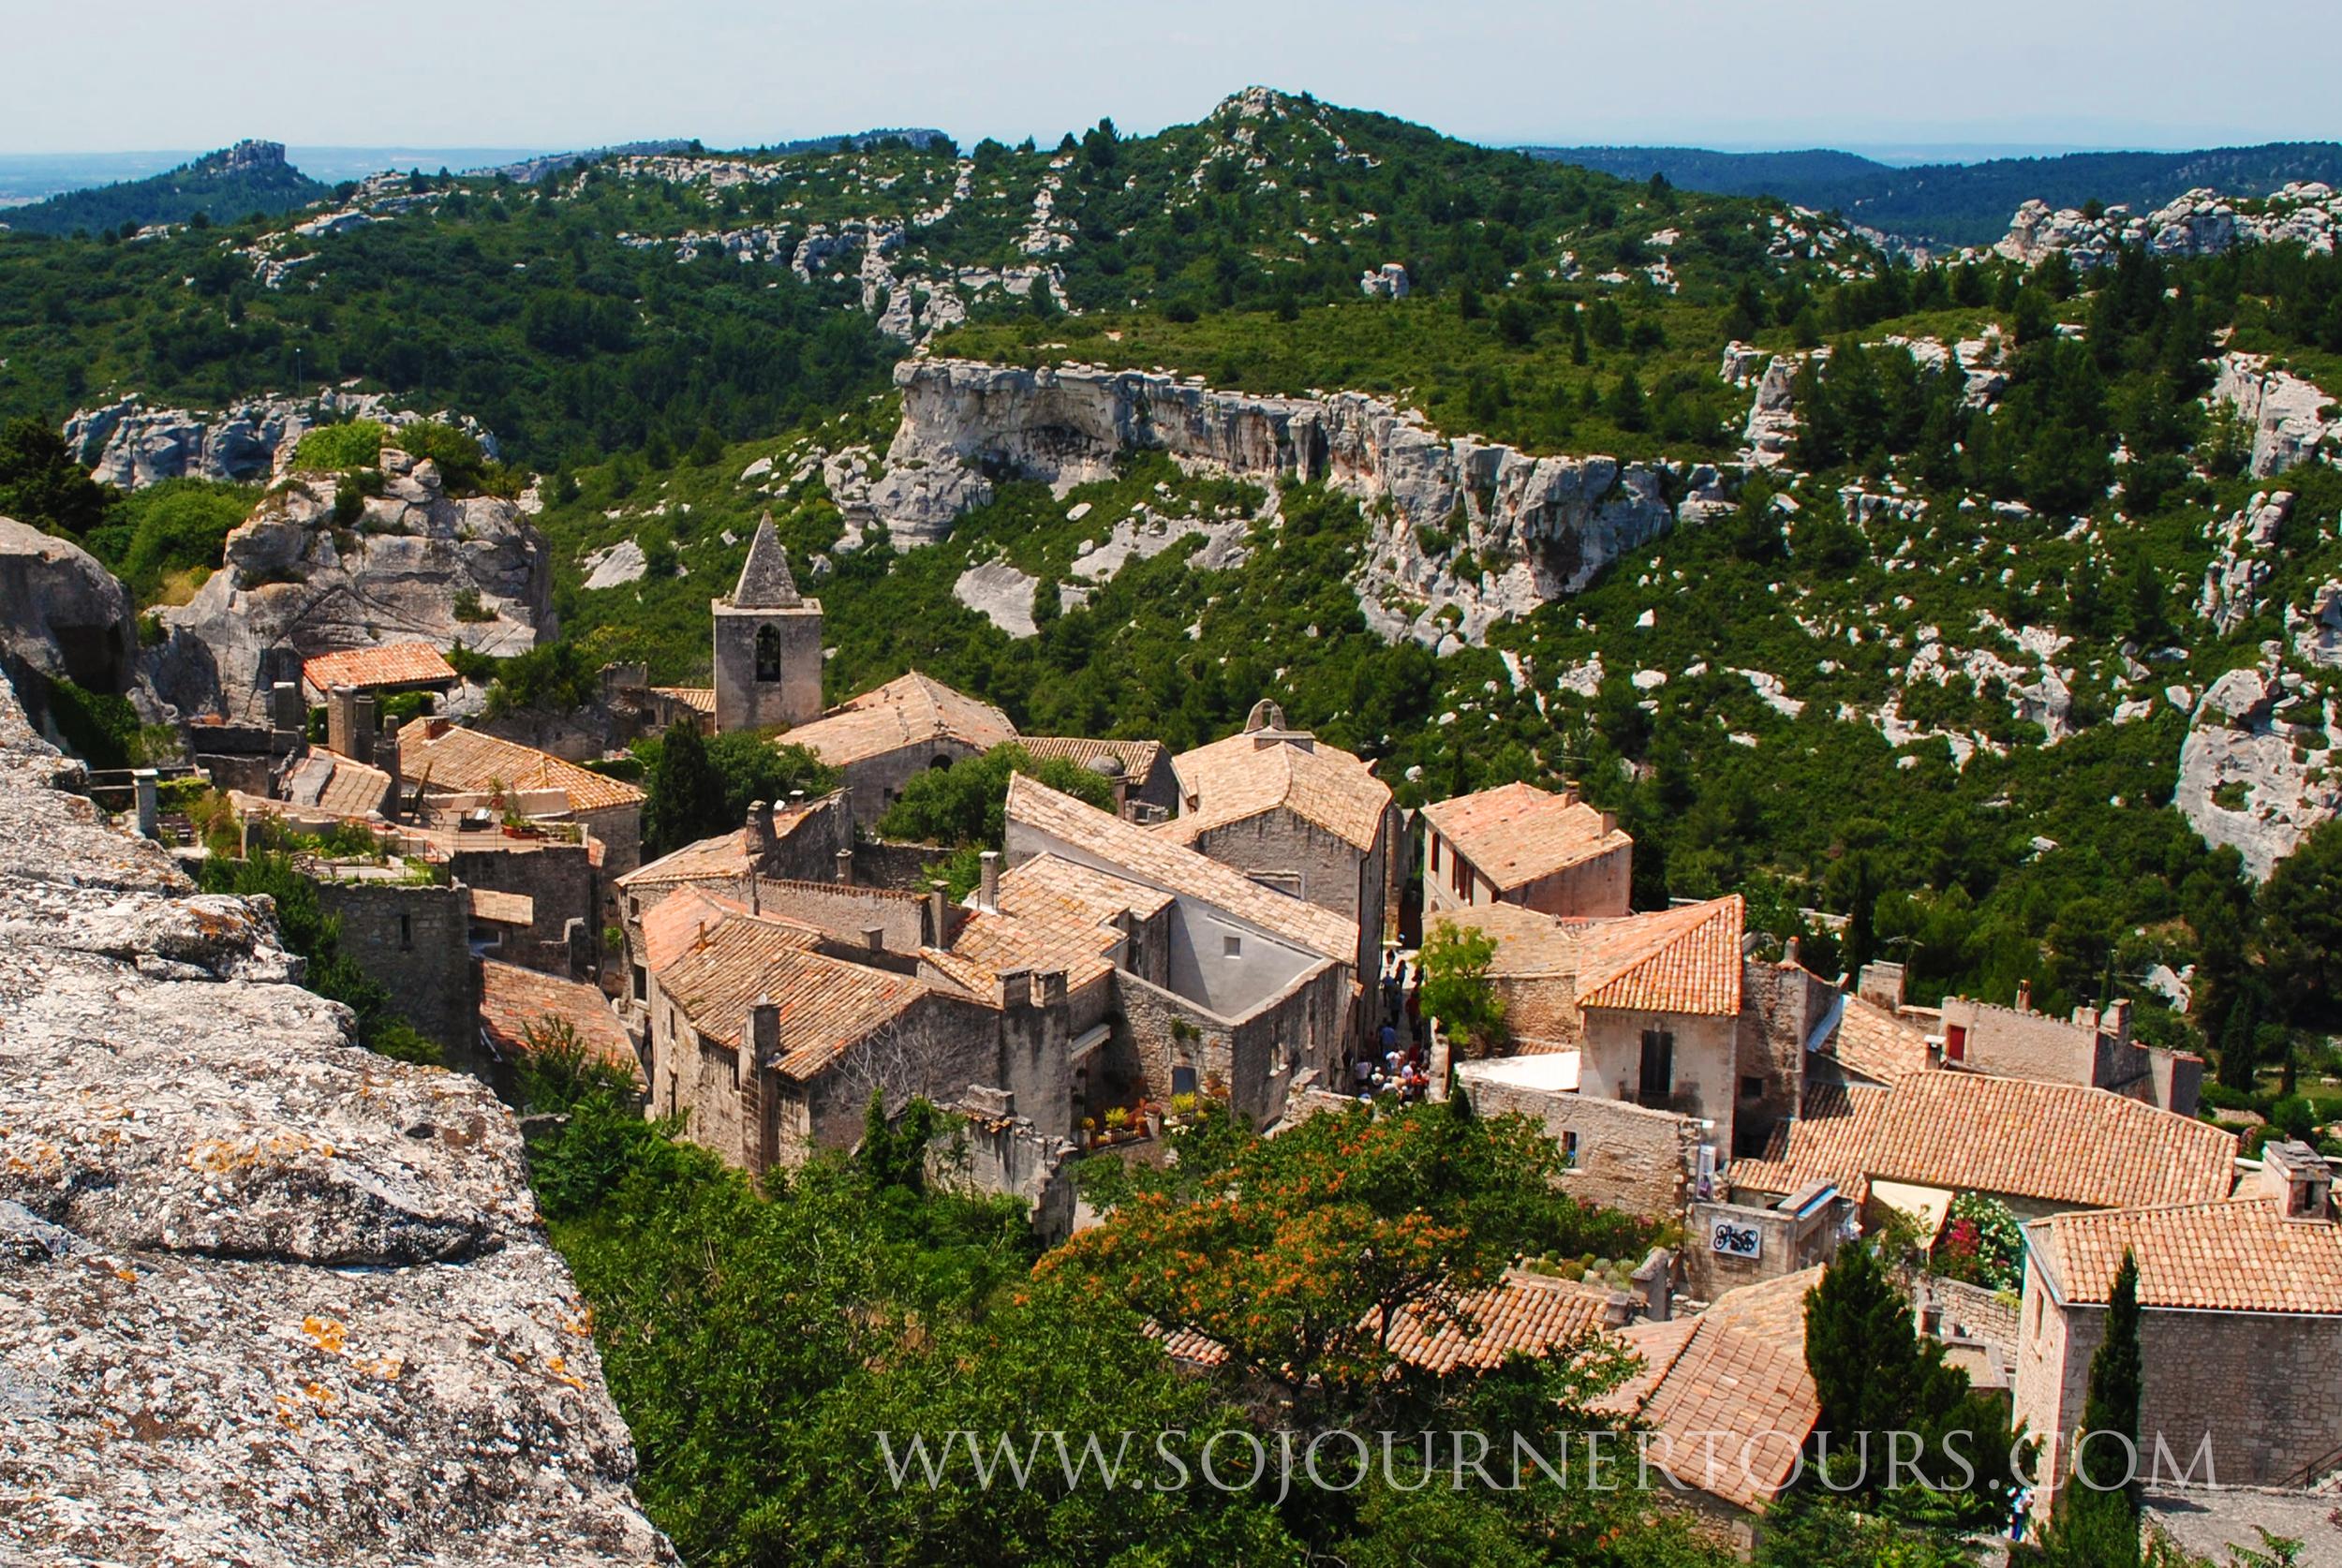 Provence, France: Sojourner Tours